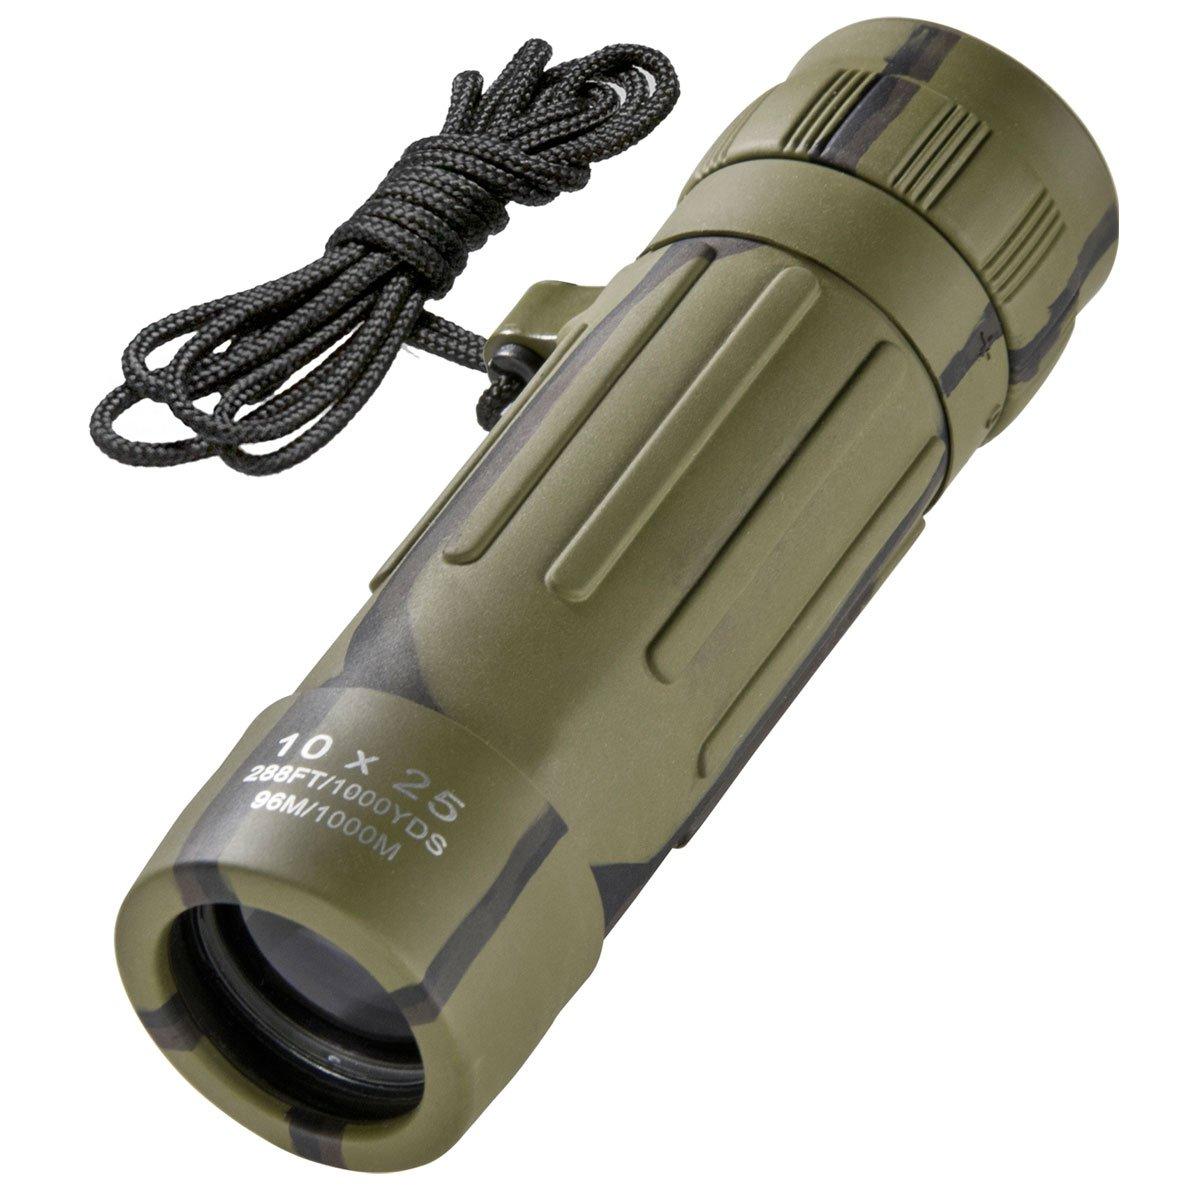 BARSKA Lucid 10x25 Monocular Binocular (Camouflage)